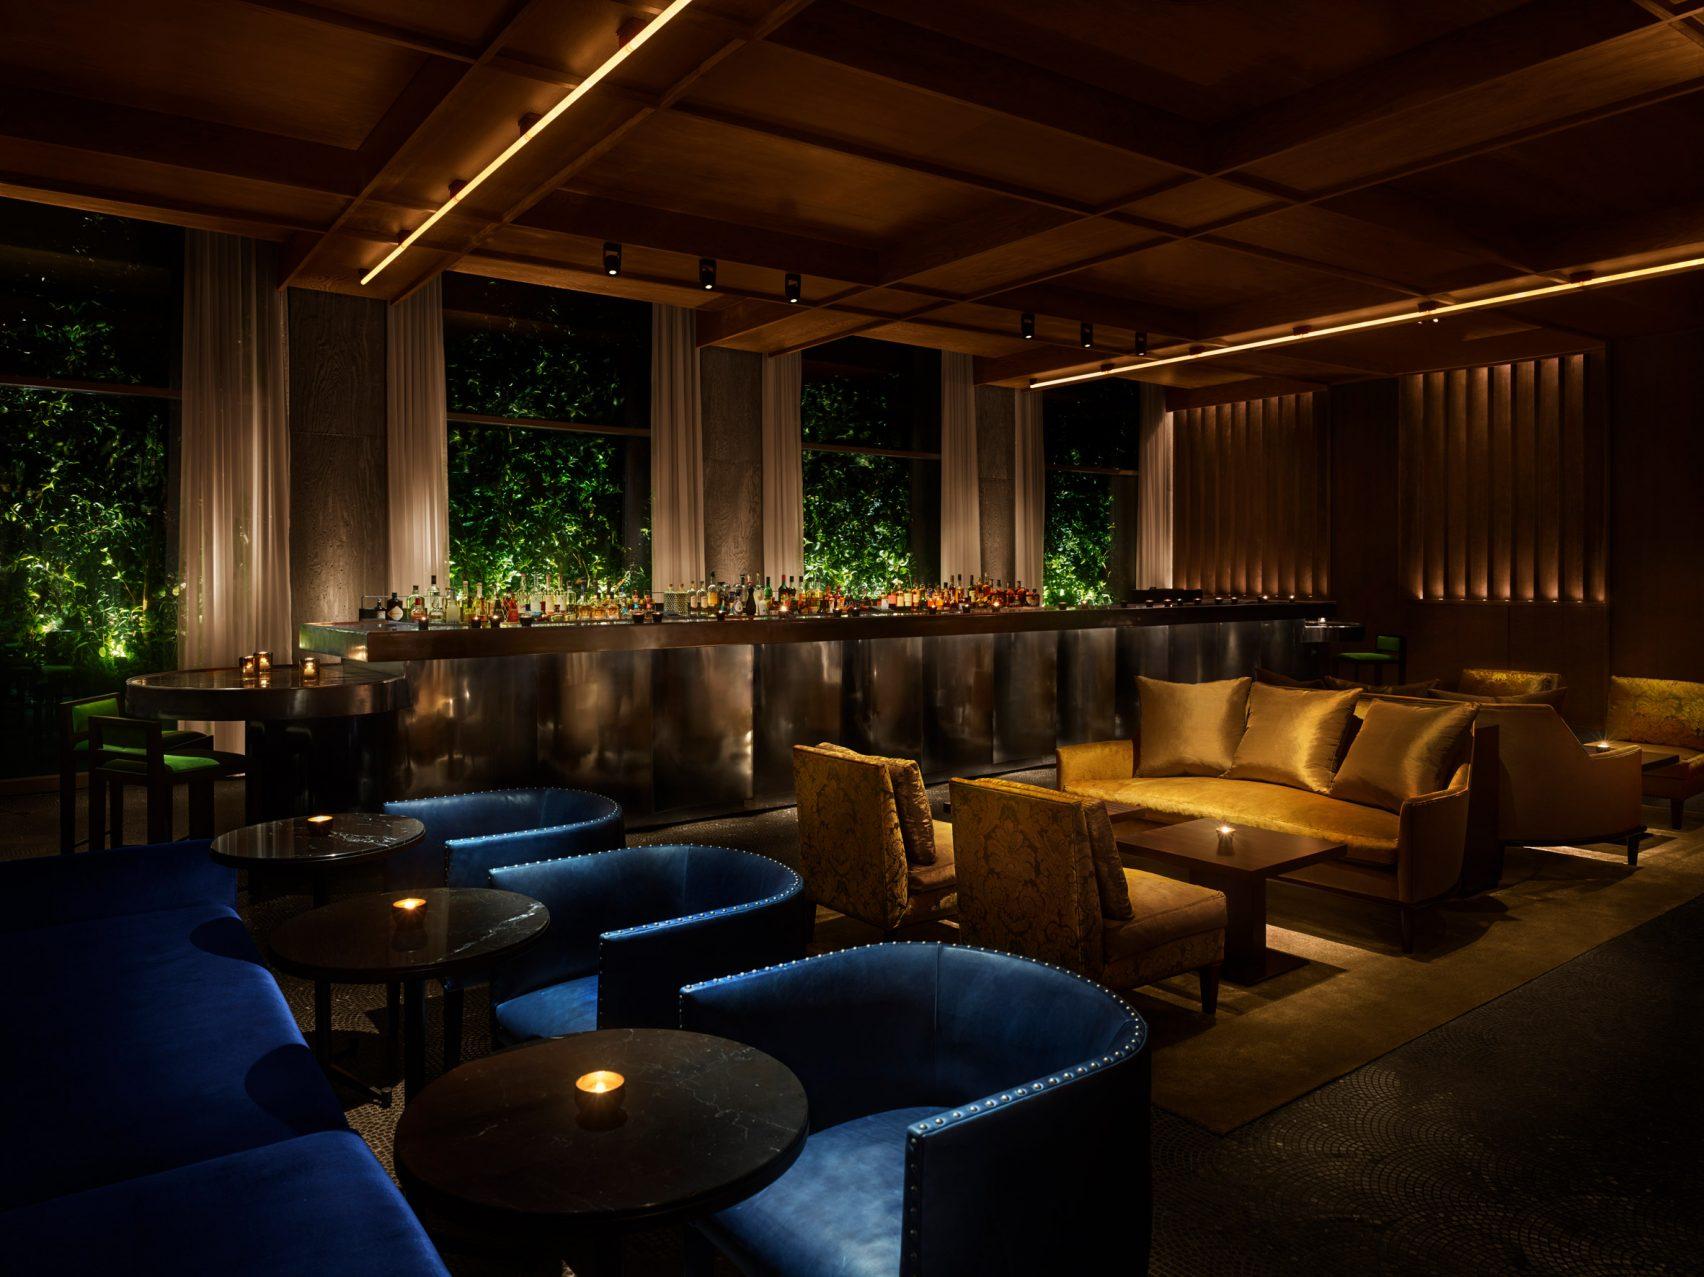 khách sạn Public New York 4